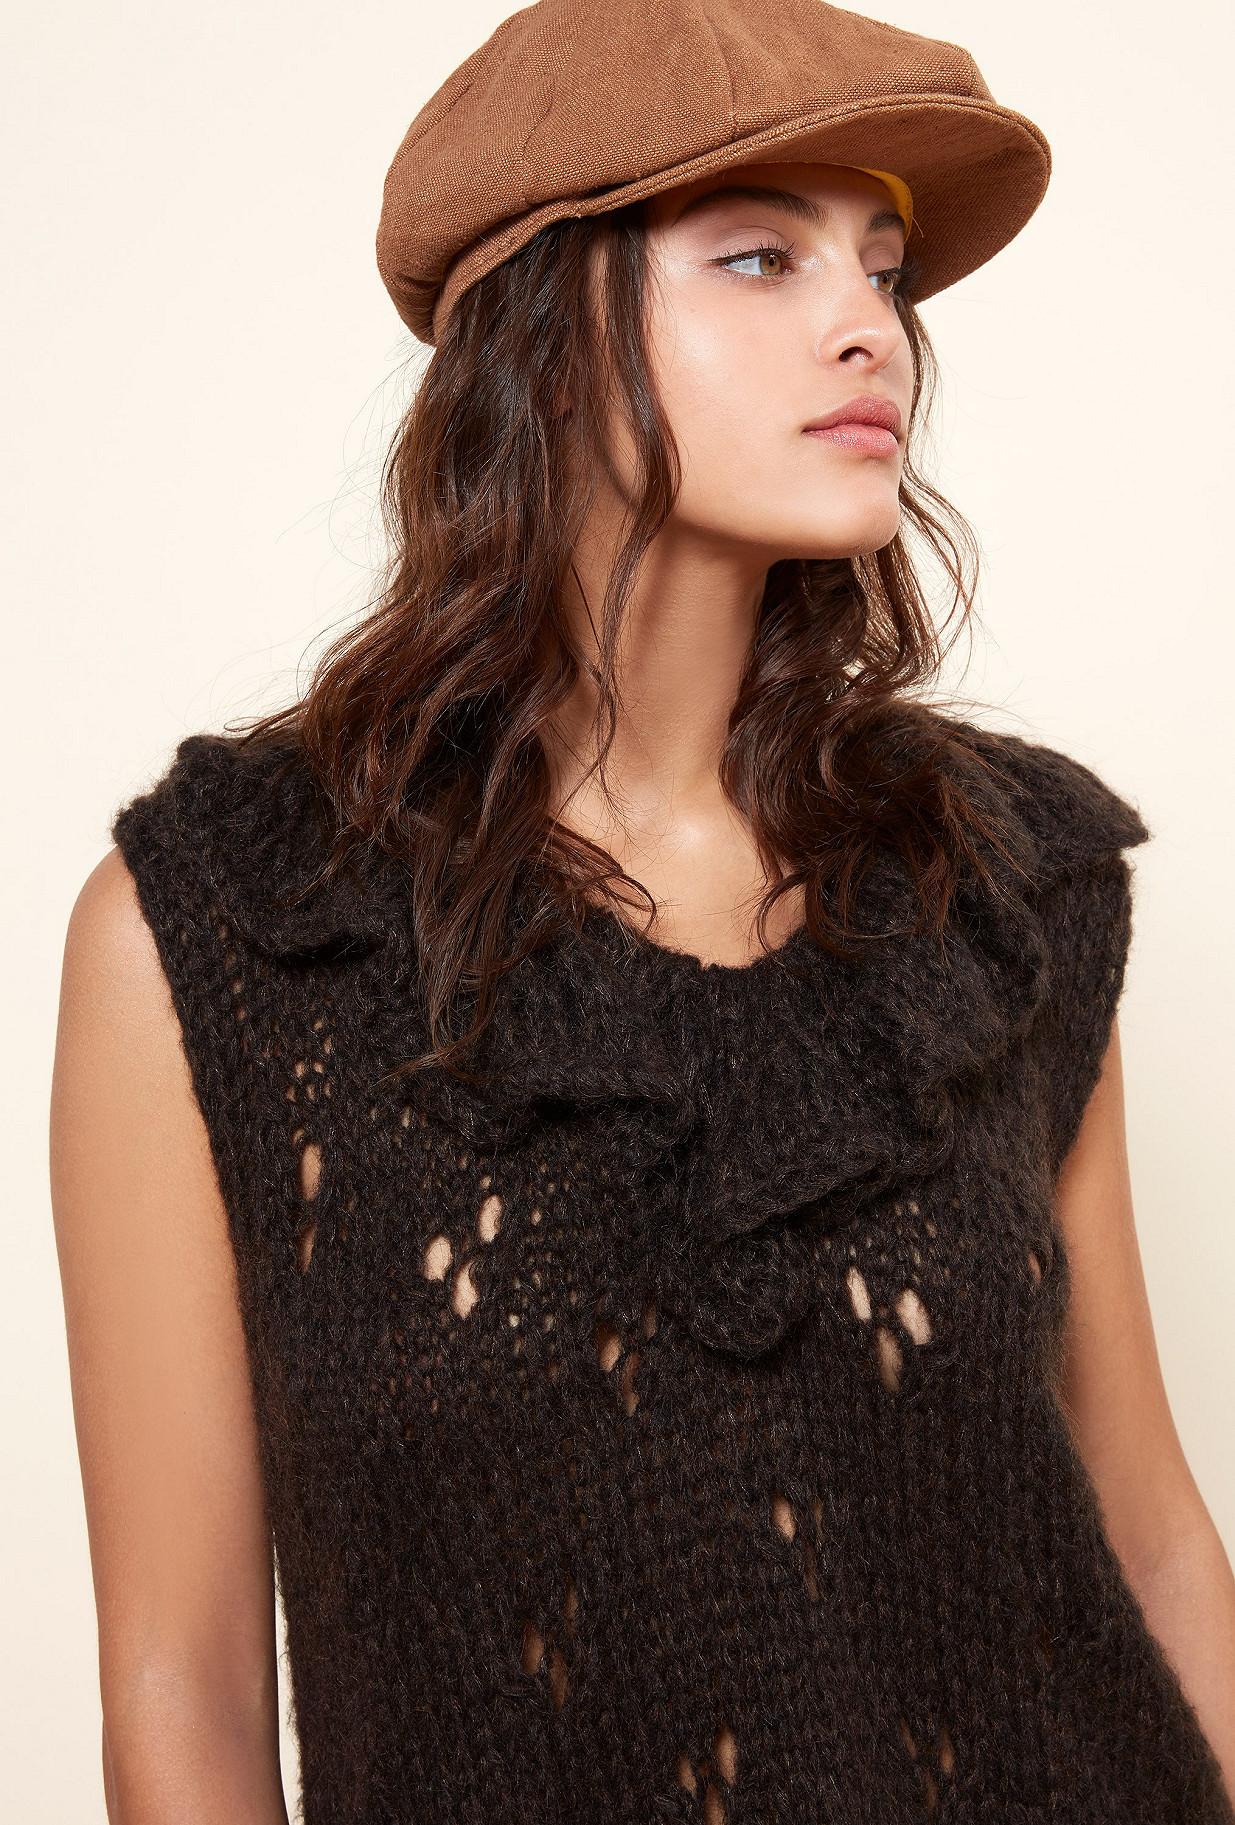 Charcoal  Knit  Frilou Mes demoiselles fashion clothes designer Paris